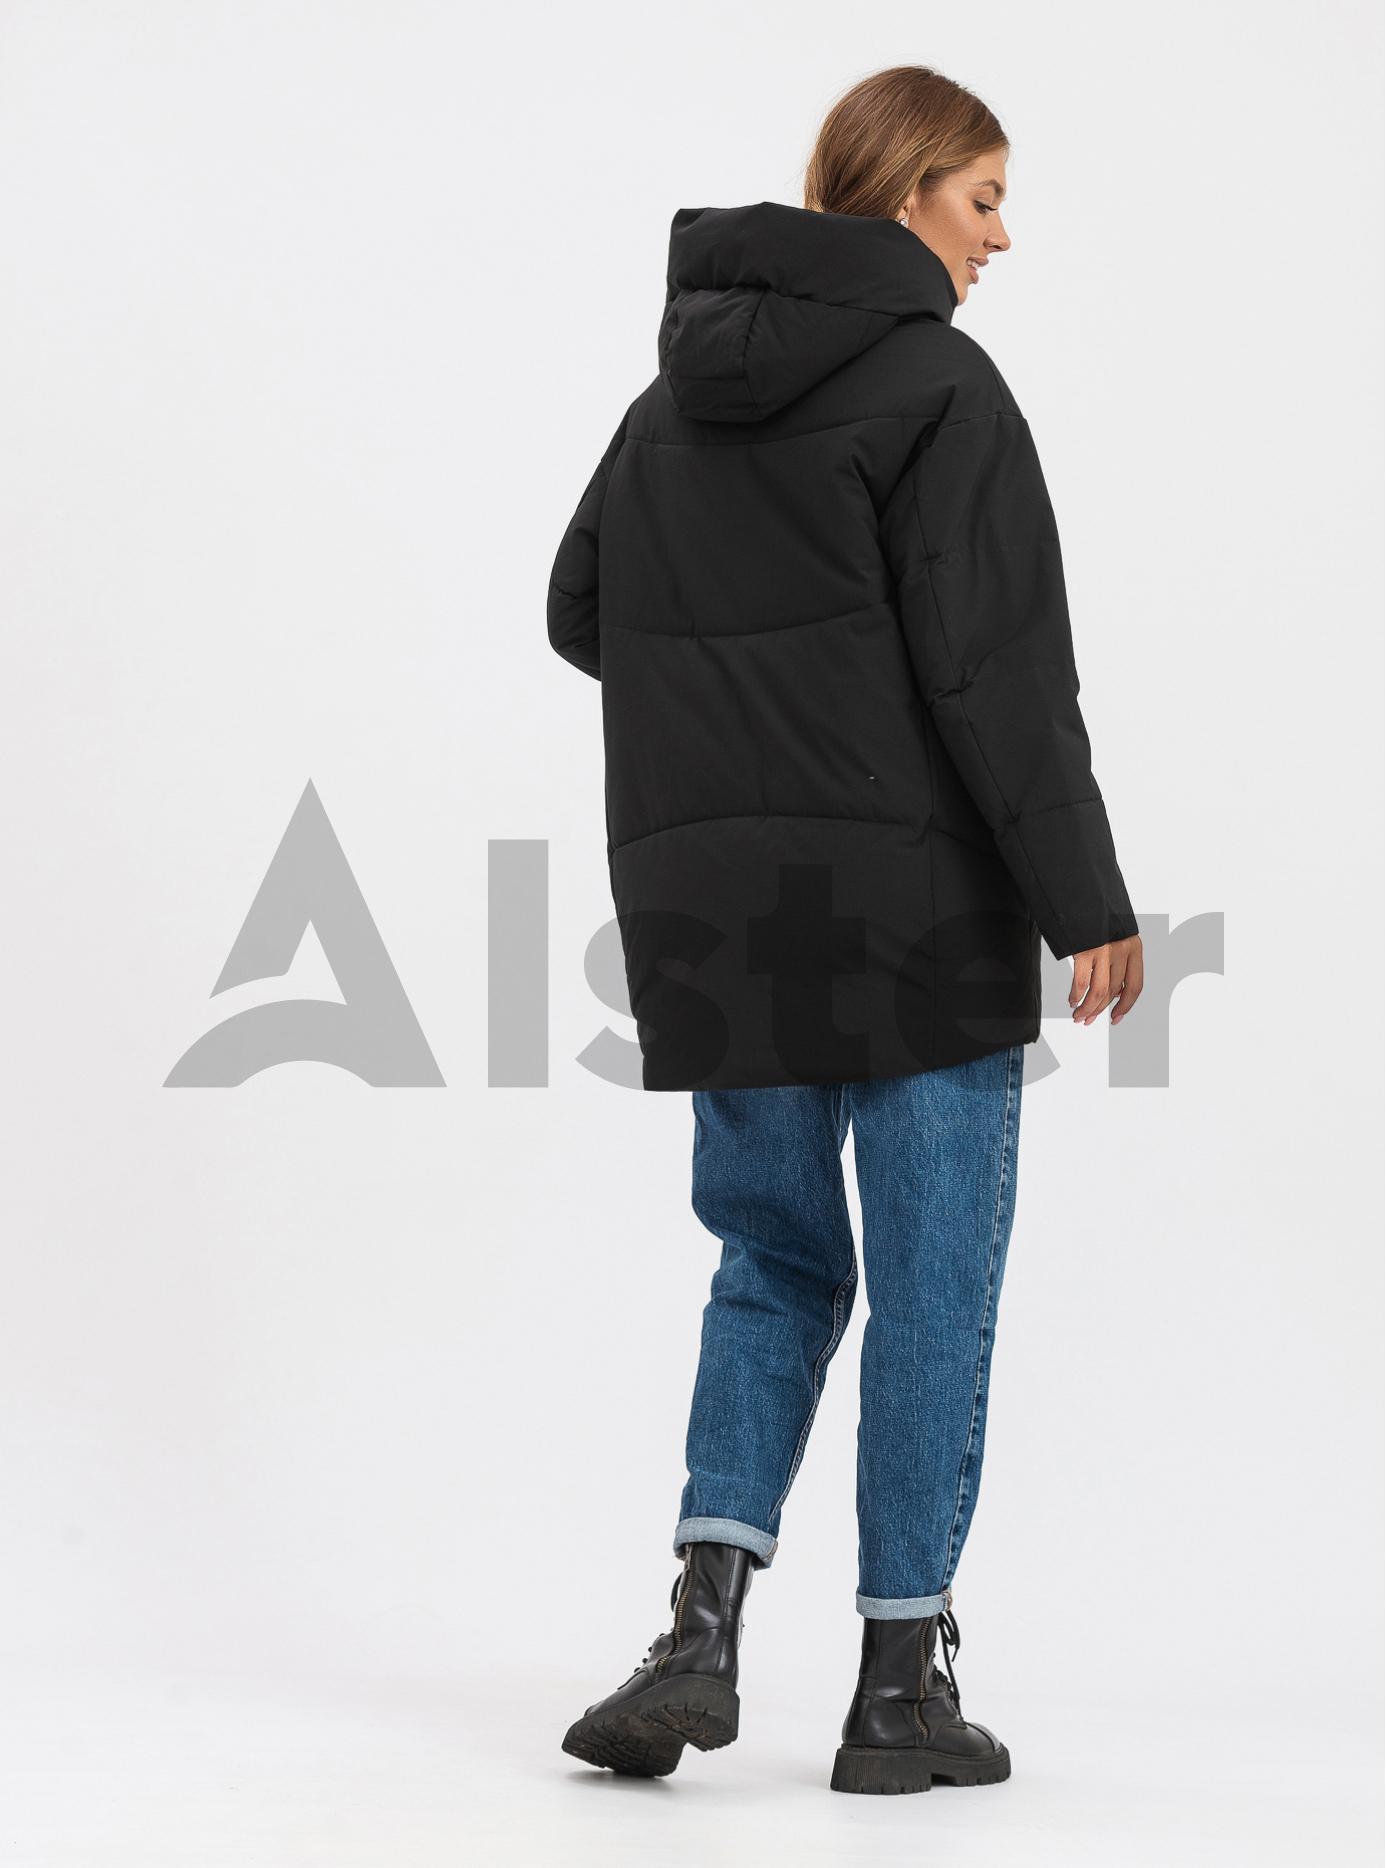 Жіноча зимова куртка середньої довжини OLANMEAR Чорний-матовий 2XL (OLN21899-15): фото - Alster.ua